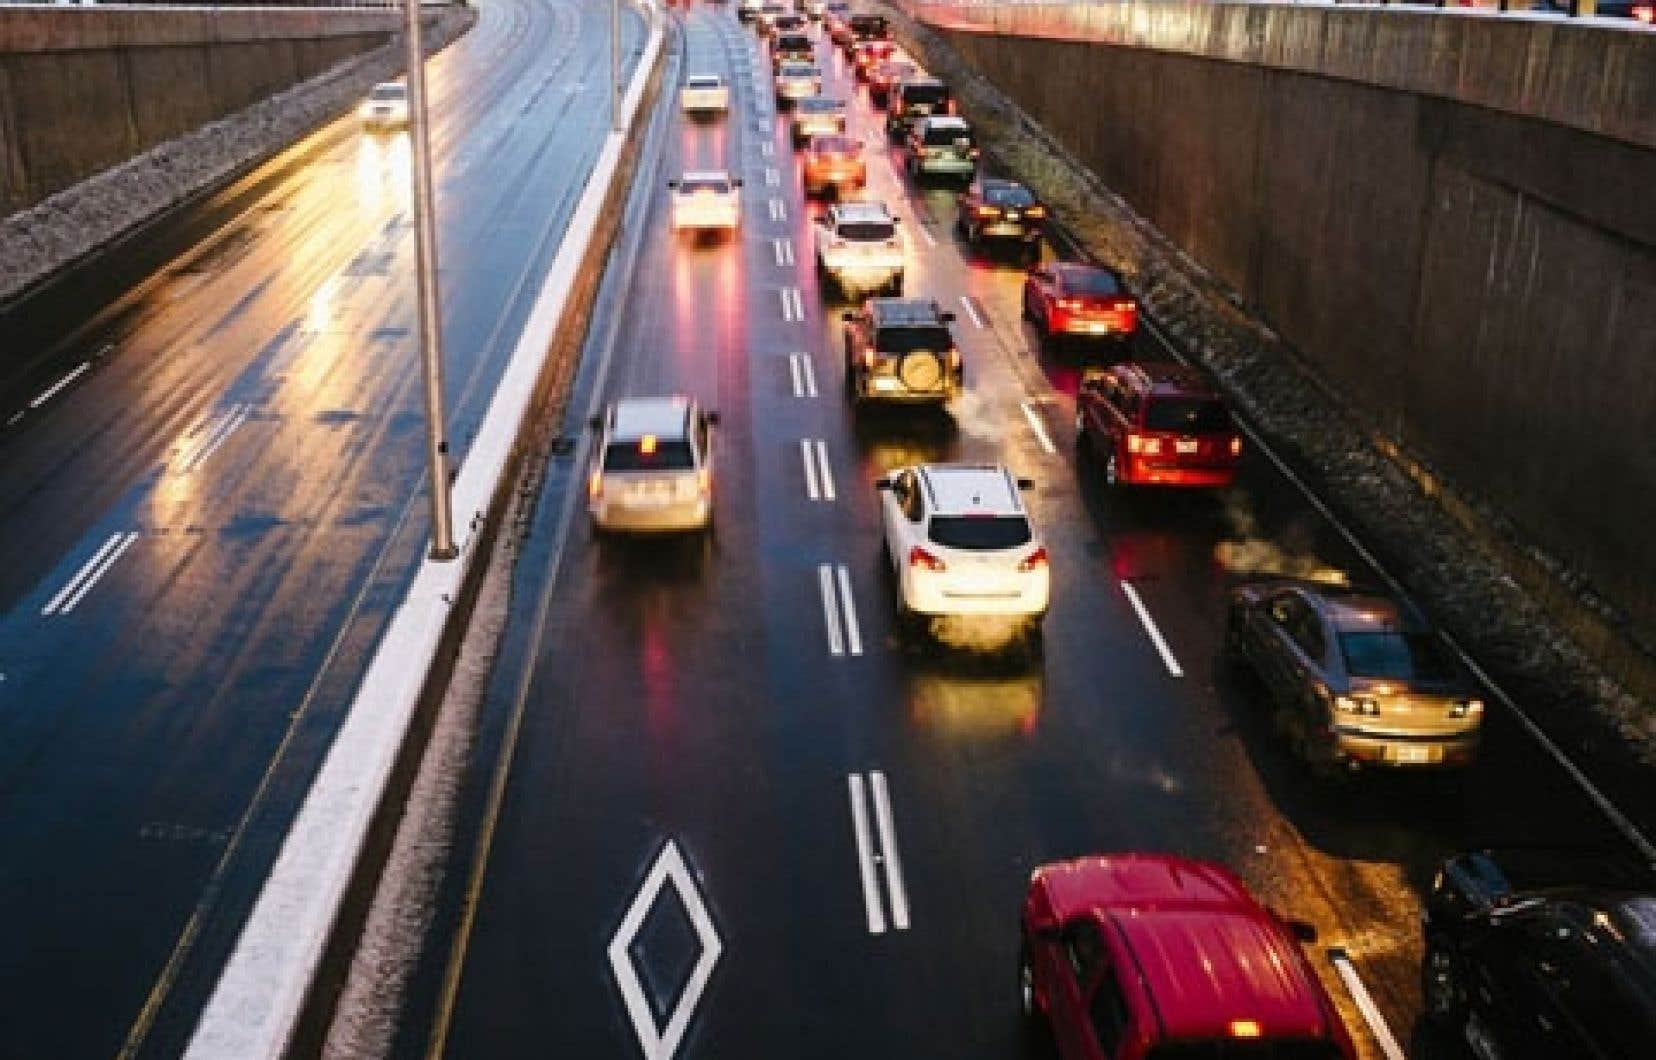 Le covoiturage ne cesse de gagner des adeptes, tandis que d'autres transporteurs font des pieds et des mains pour compenser leur nombre d'usagers en stagnation.